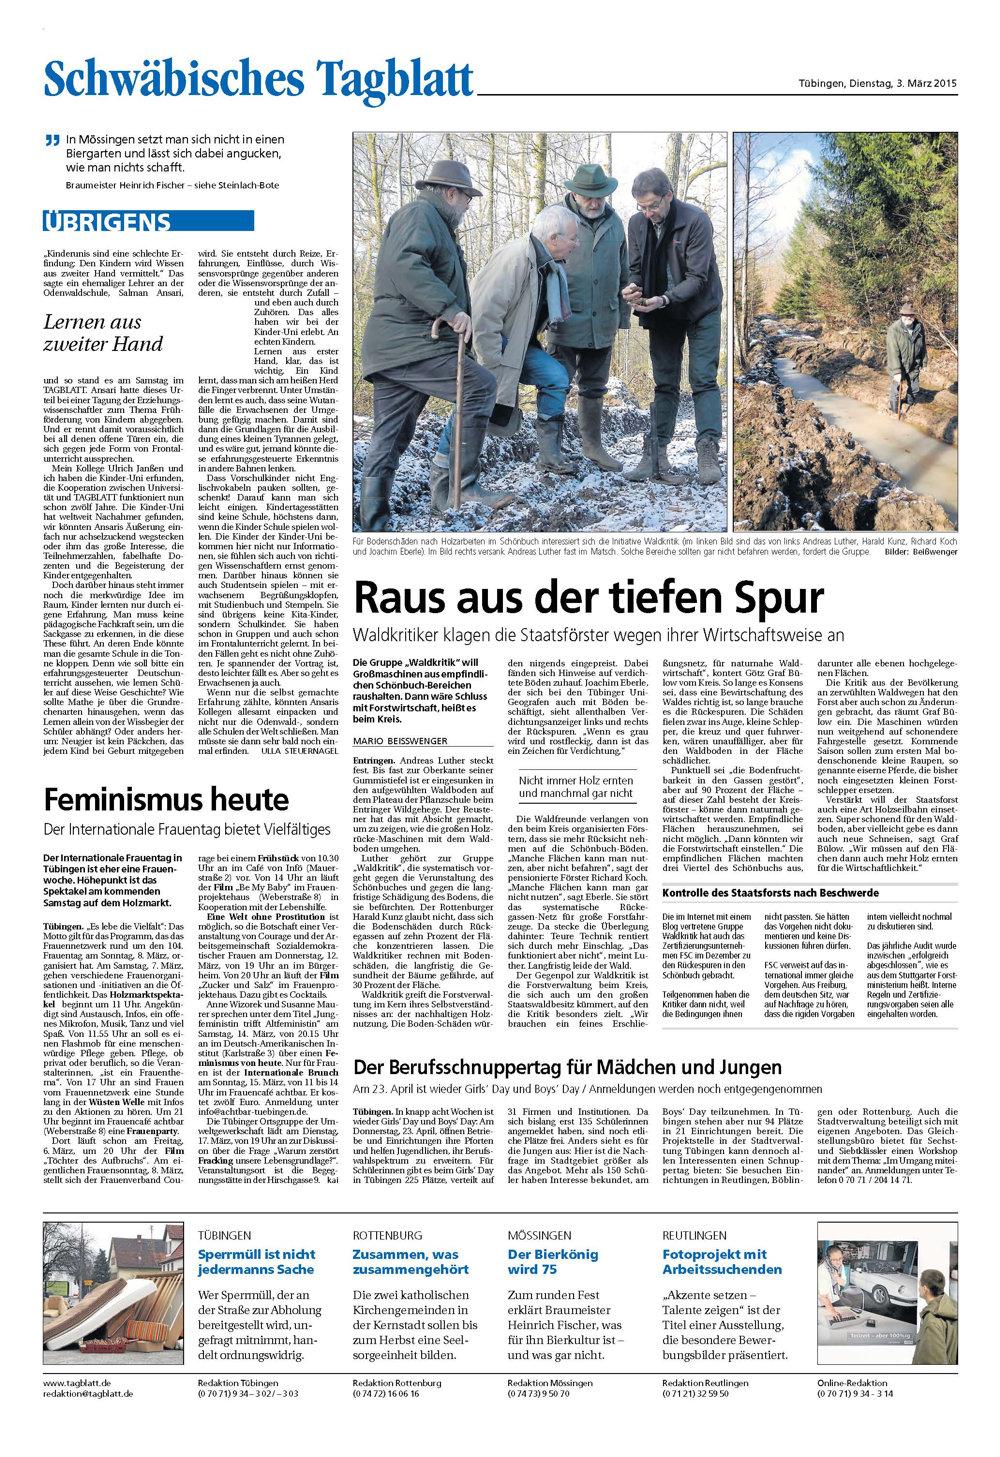 Artikel-tagblatt-03-03-15